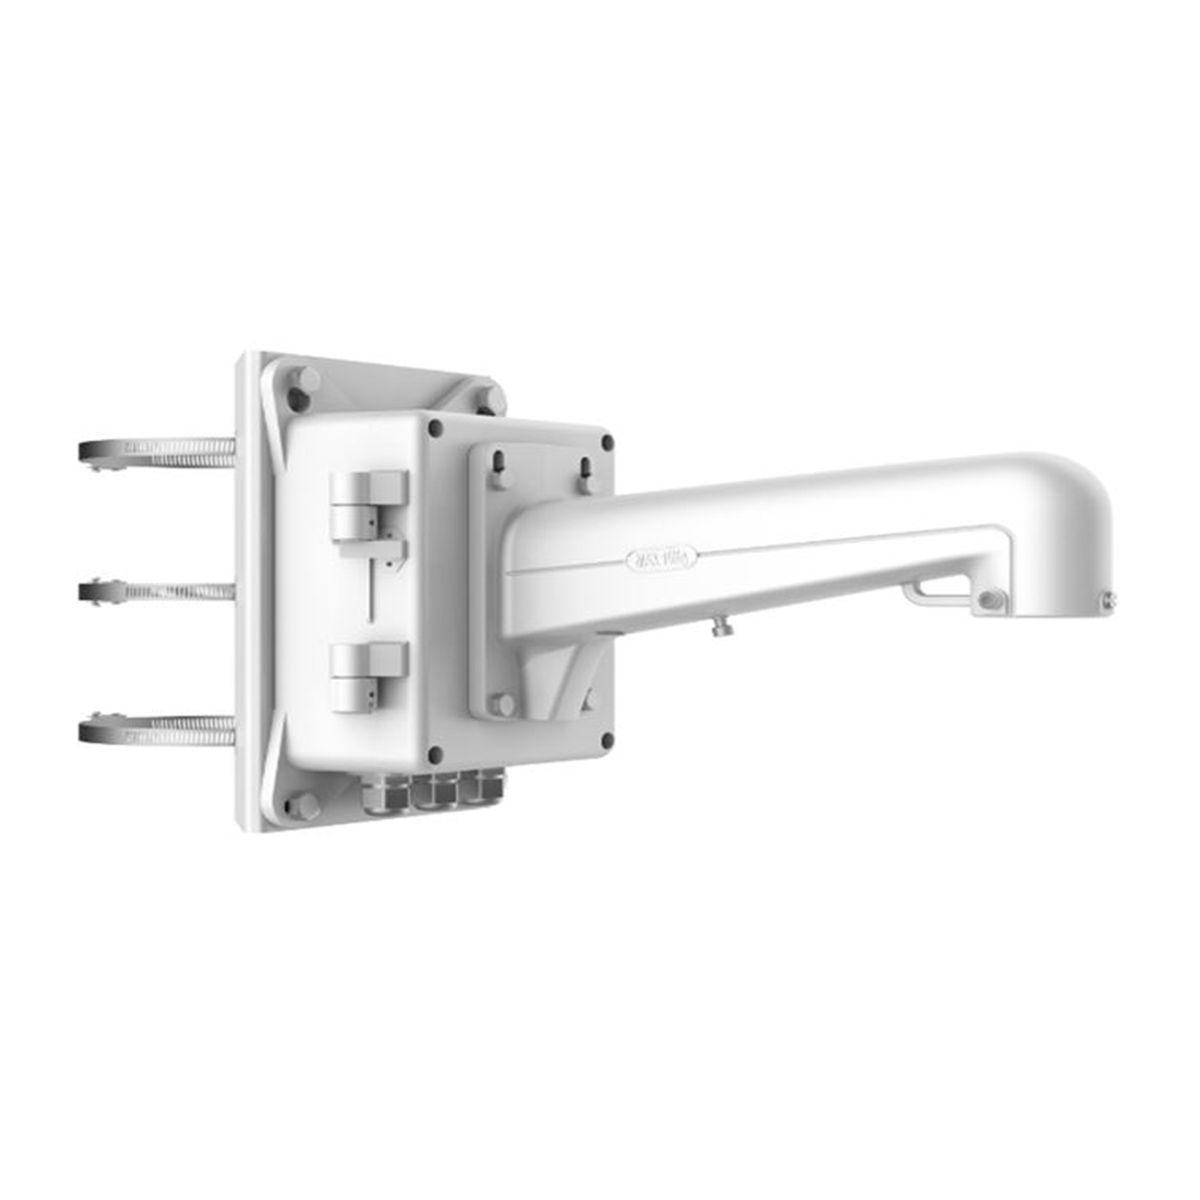 Soporte Vertical con Base para Postes y Caja de Conexiones Hikvision DS-1602ZJ-BOX-POLE